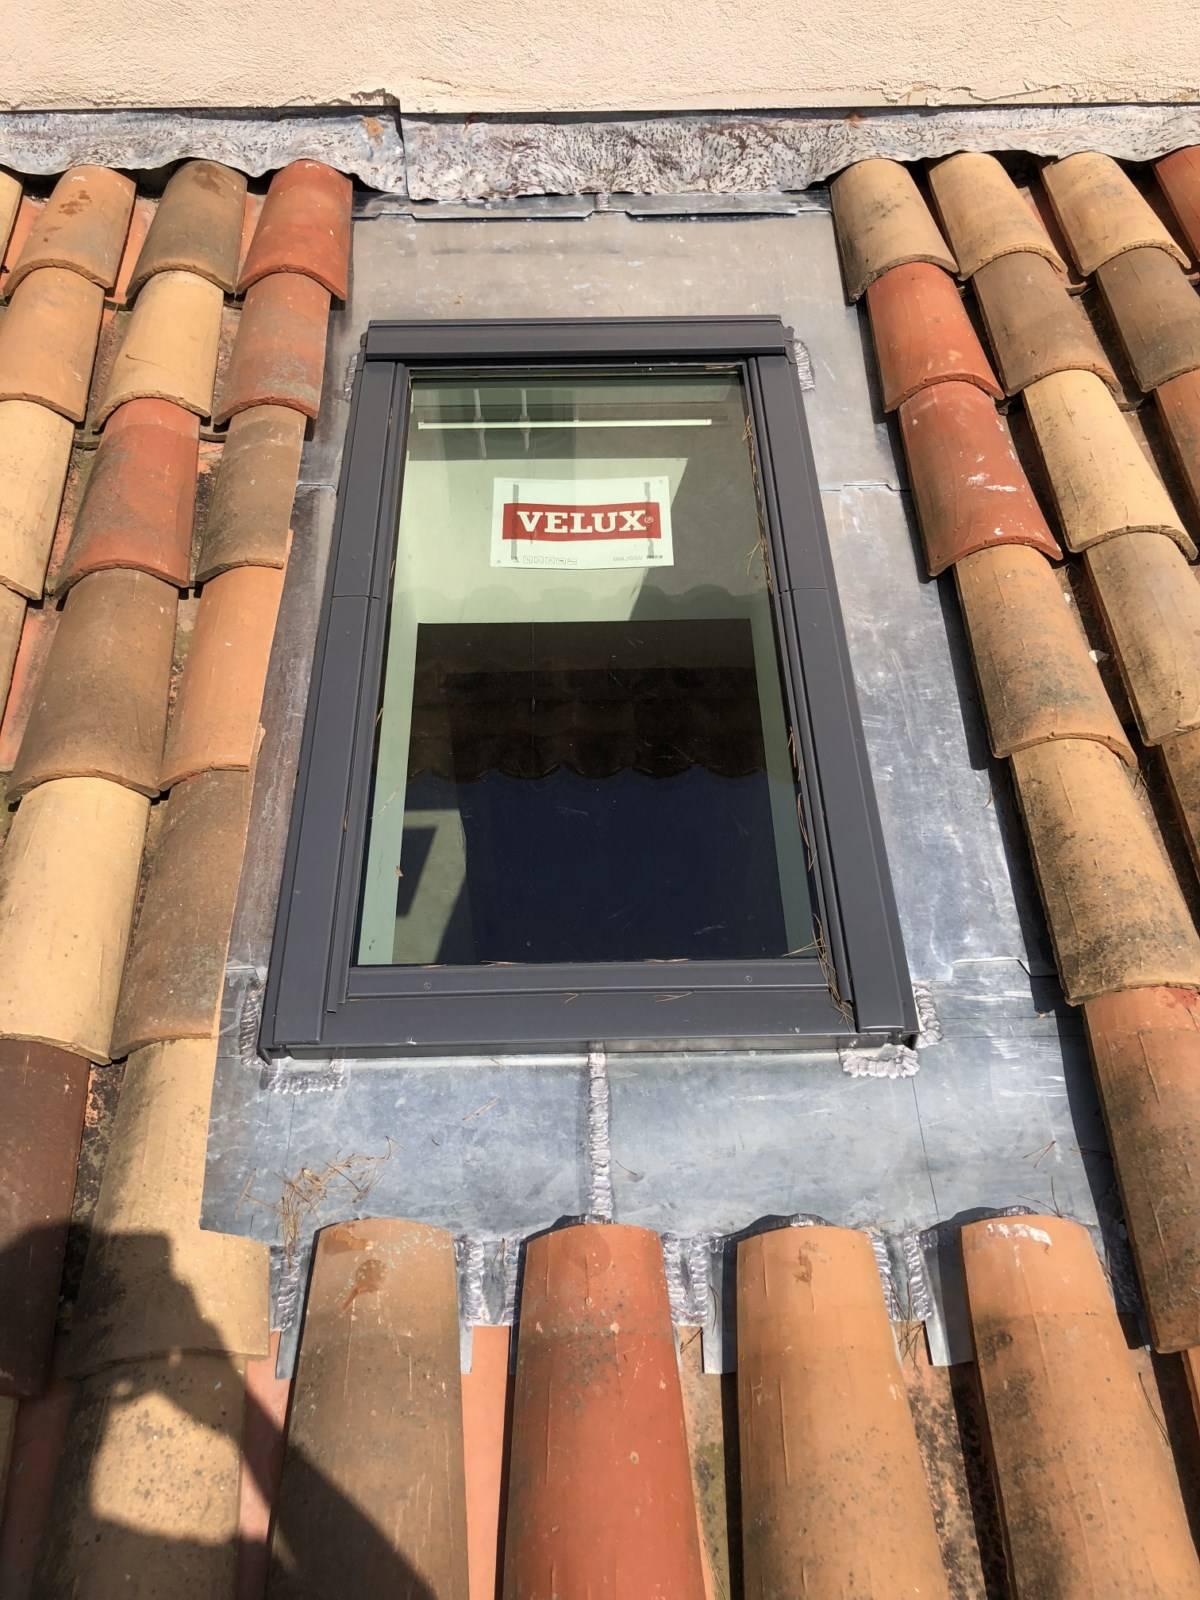 Étanchéité de VELUX en ZINC suite à fuites et infiltrations d'eau sur Toiture à Sausset les Pins ...